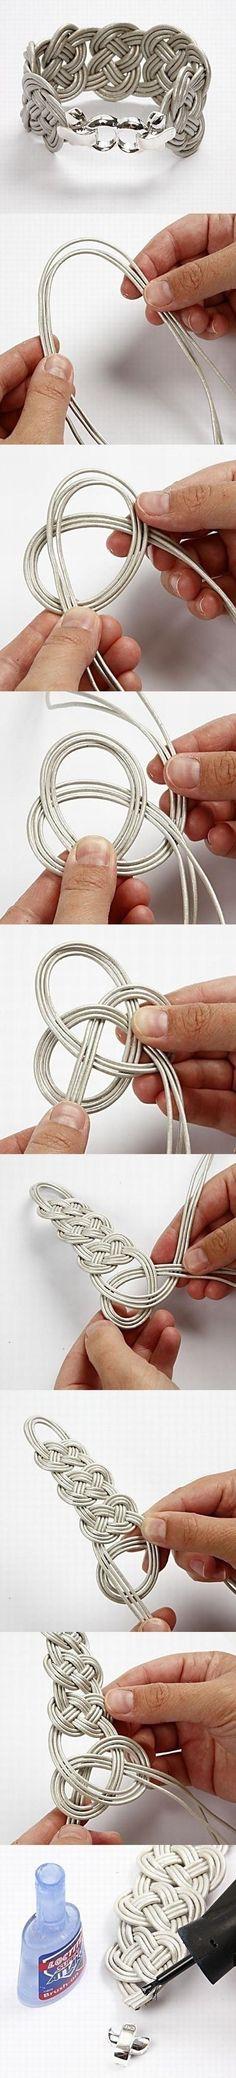 DIY Bracelet diy crafts craft ideas easy crafts diy ideas crafty easy diy diy jewelry diy bracelet craft bracelet jewelry diy: